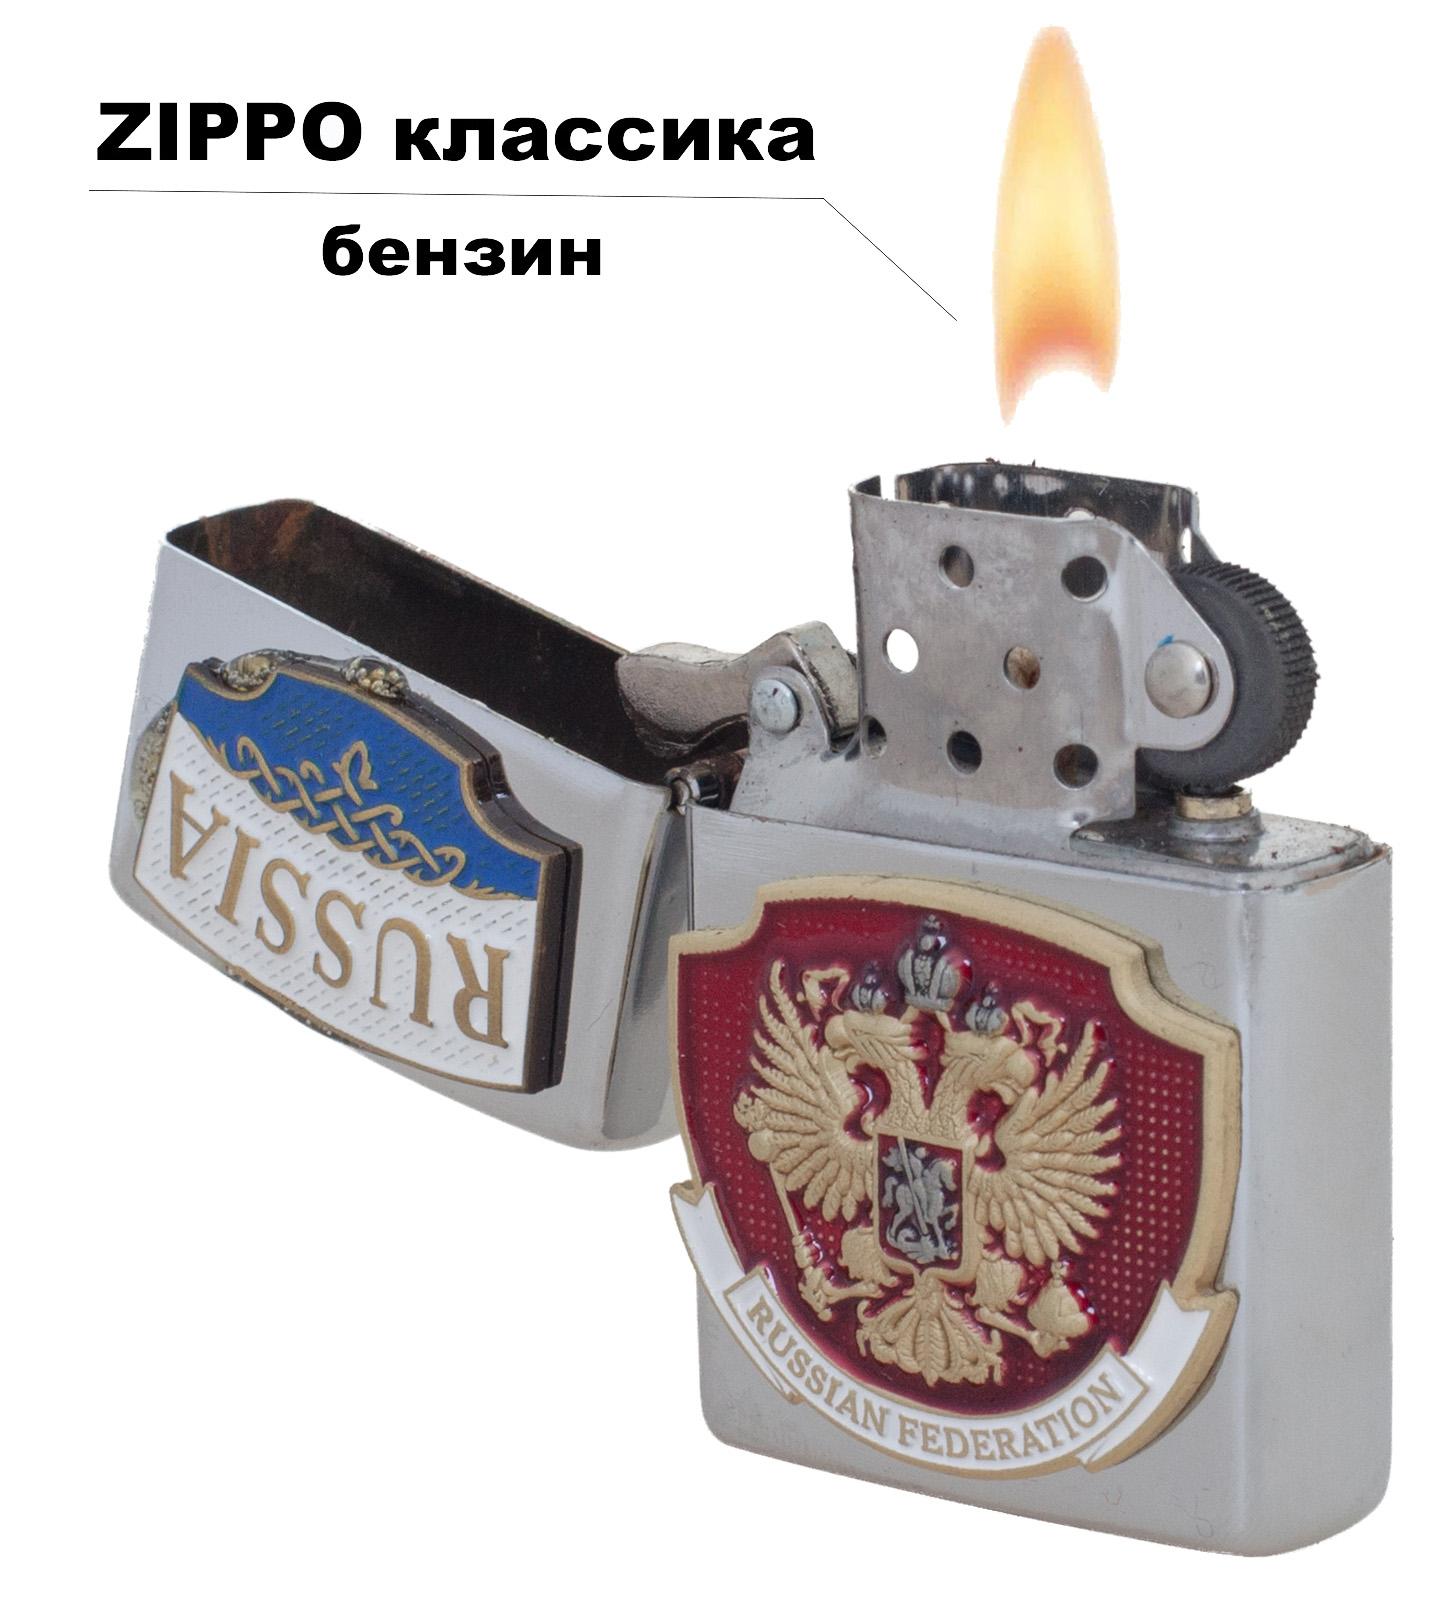 Военные и армейские бензиновые зажигалки